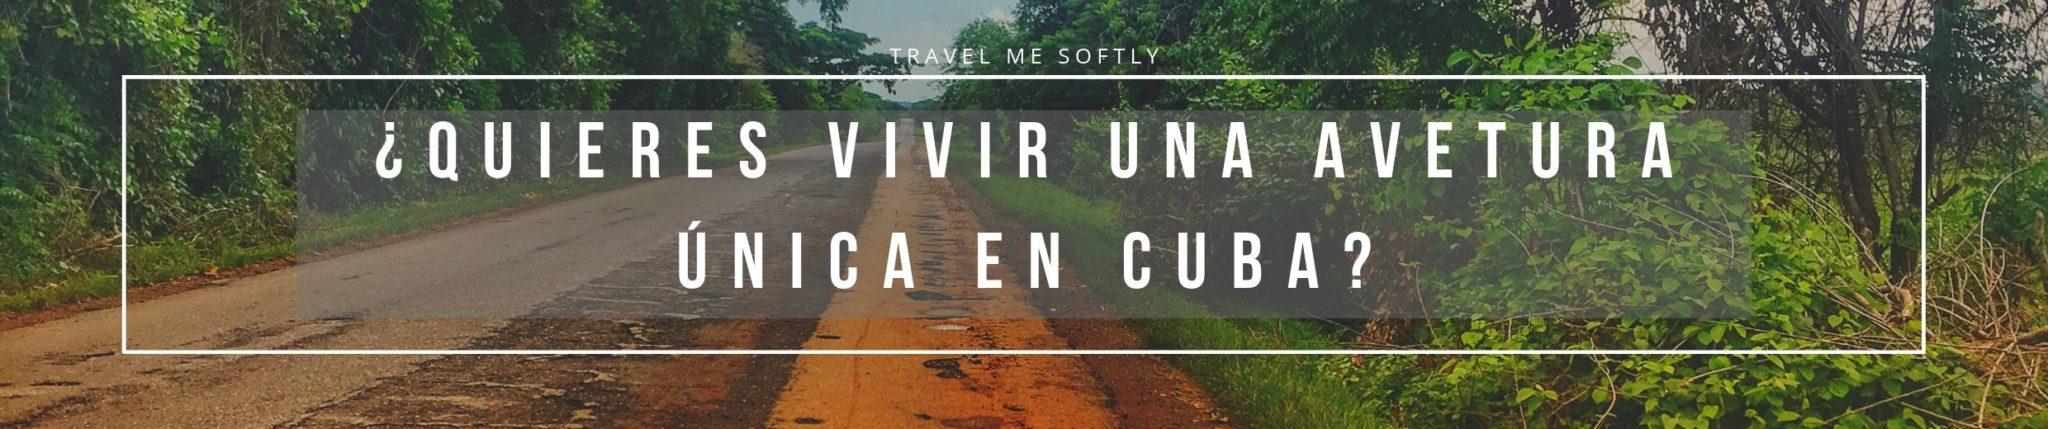 moneda cubana viaje a cuba